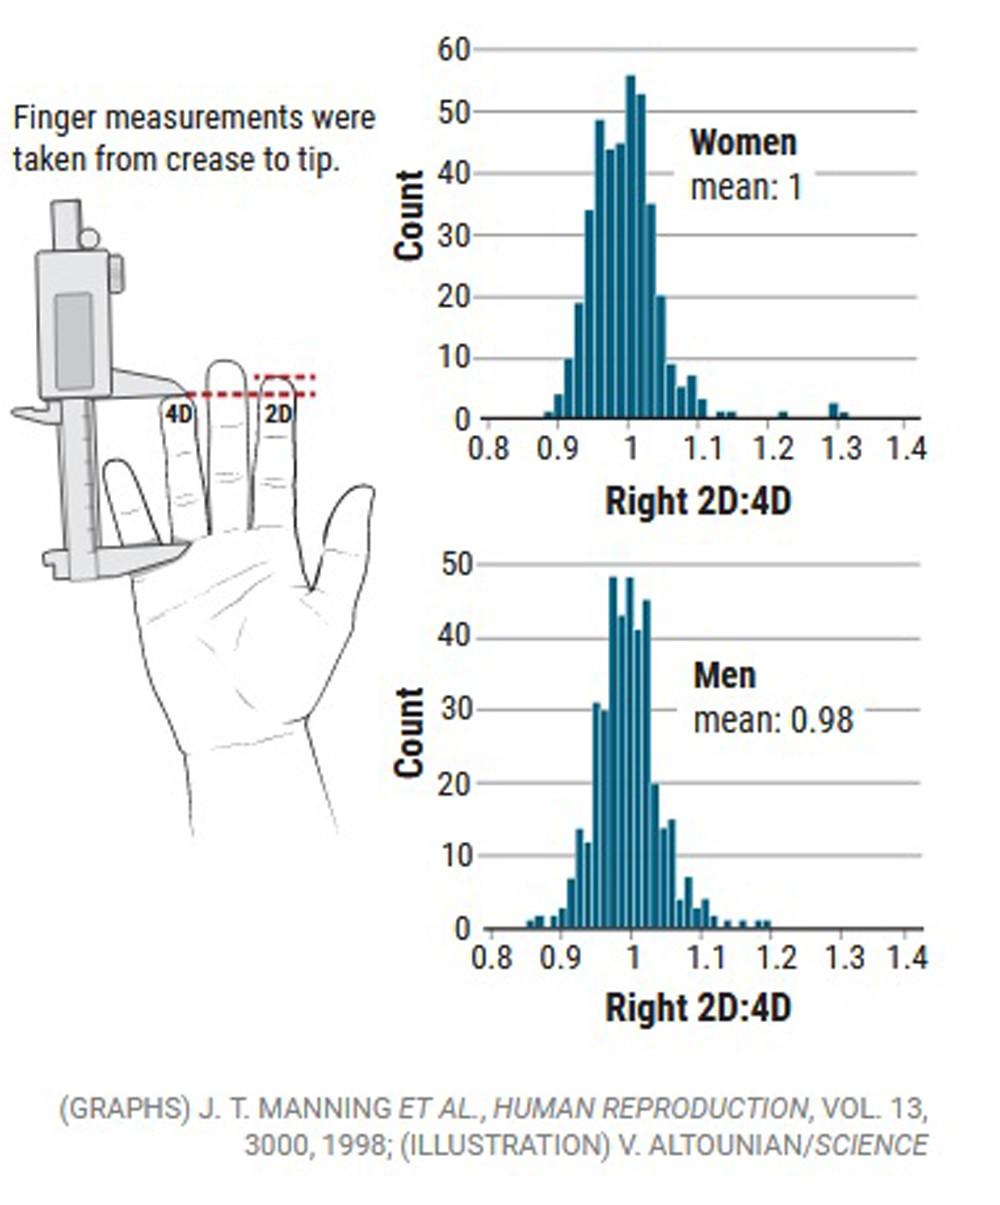 los dedos y la salud